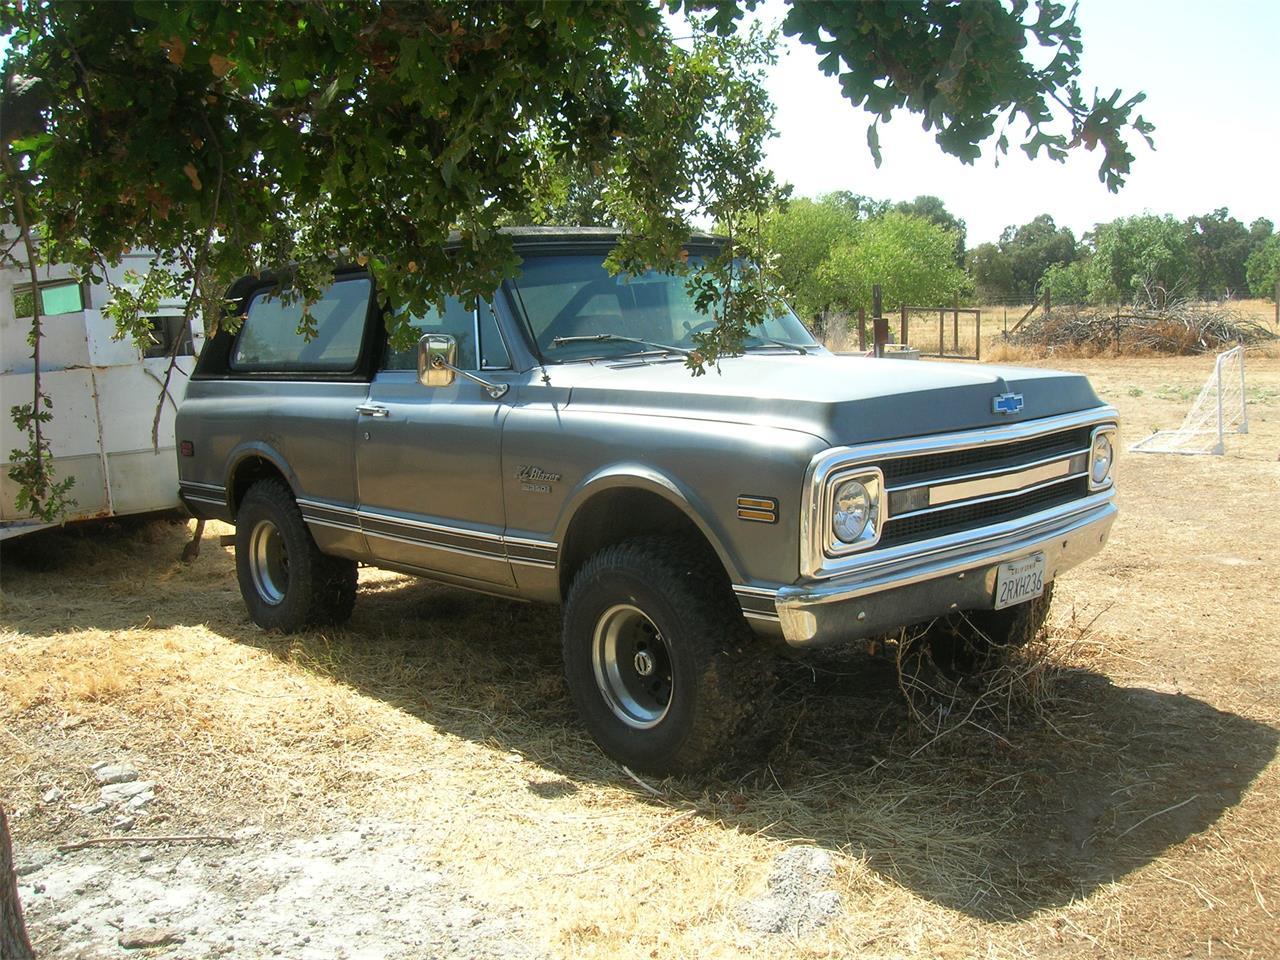 For Sale: 1969 Chevrolet K5 Blazer in Rio Linda, California